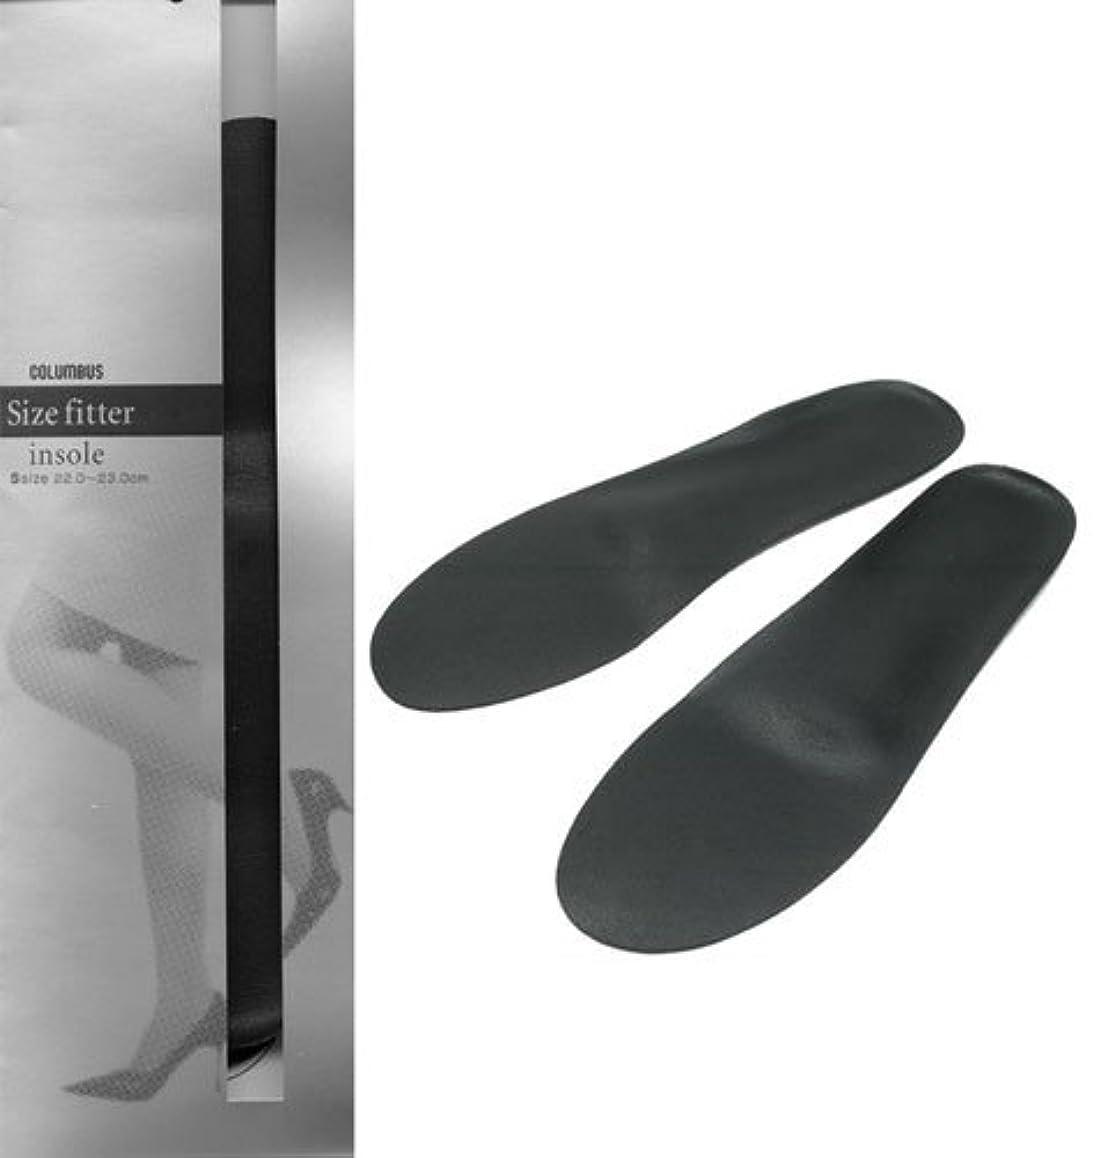 お香不満破壊的コロンブス フットソリューション サイズフィッターインソール 女性用 Sサイズ(22.0~23.0cm)